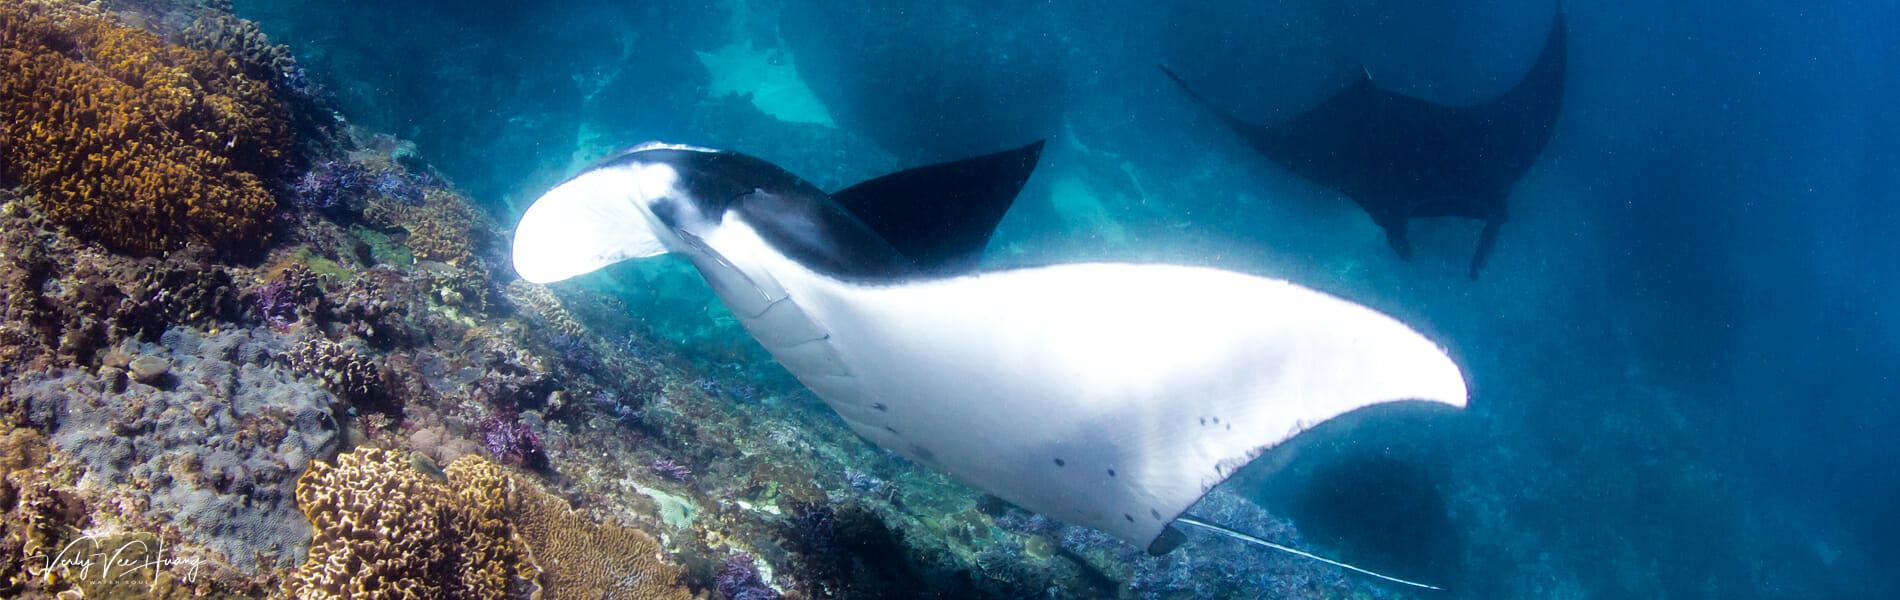 Manta diving in Bali